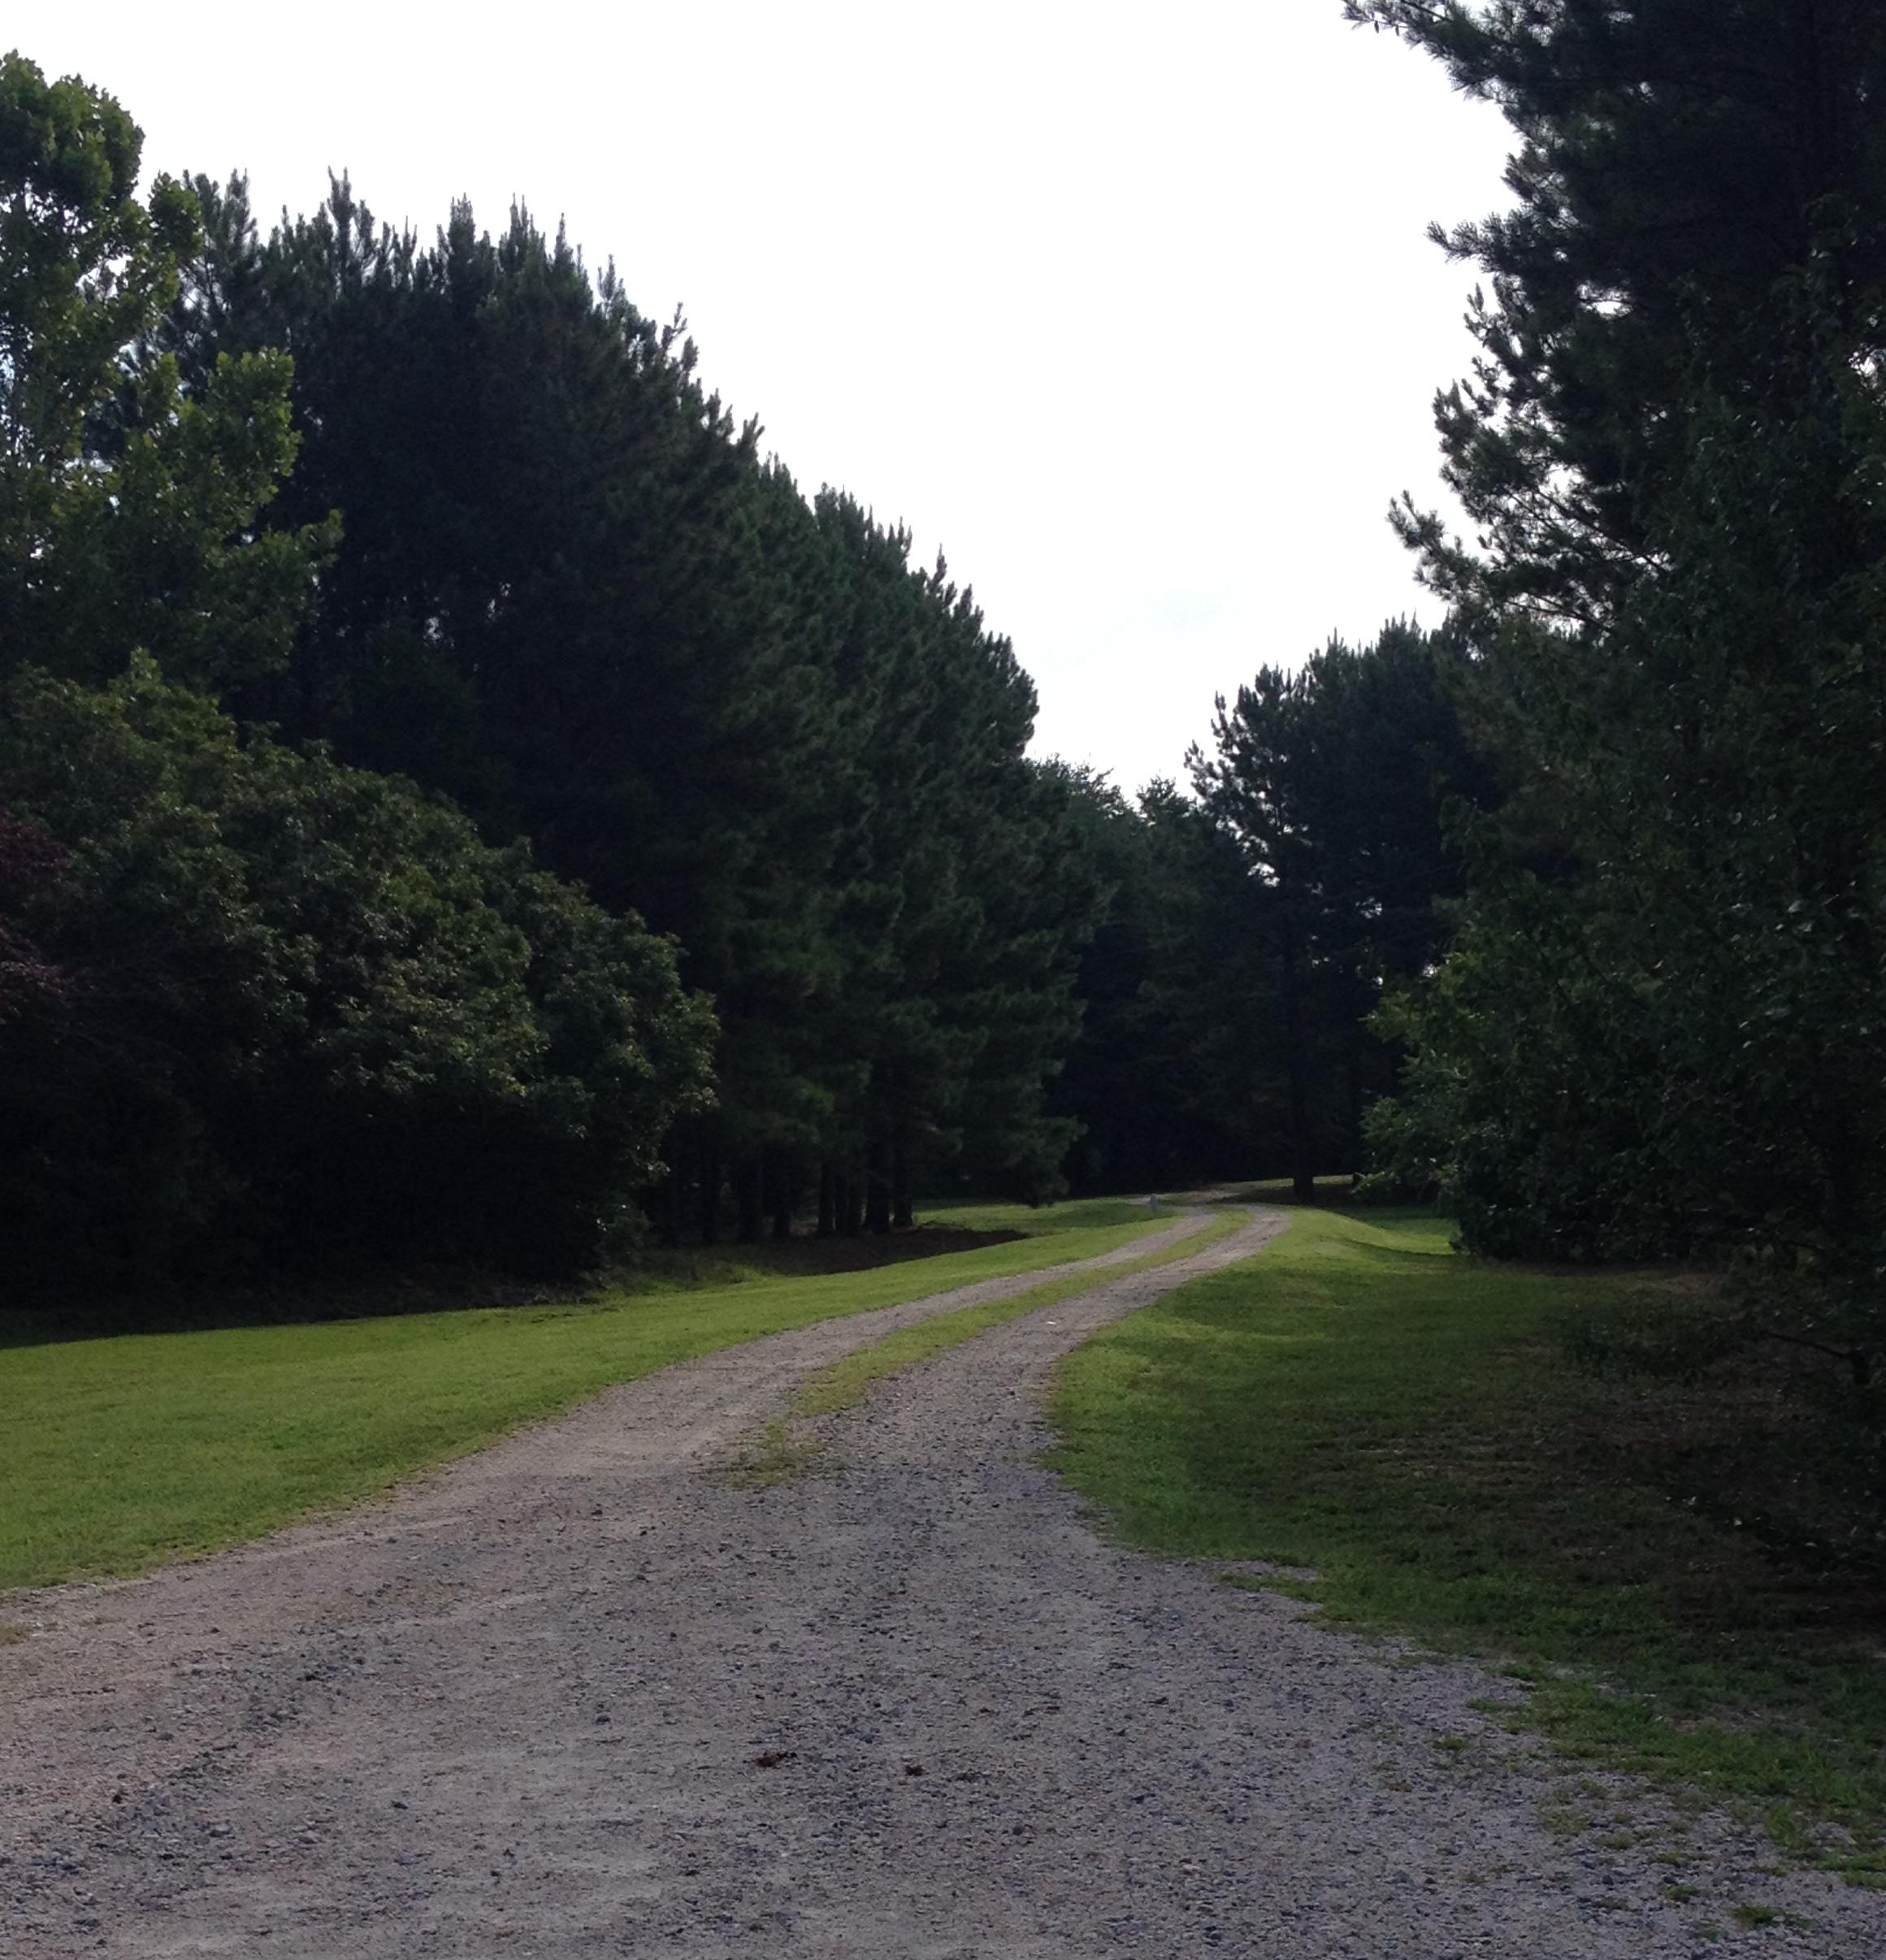 driveway 8.3.14.jpg